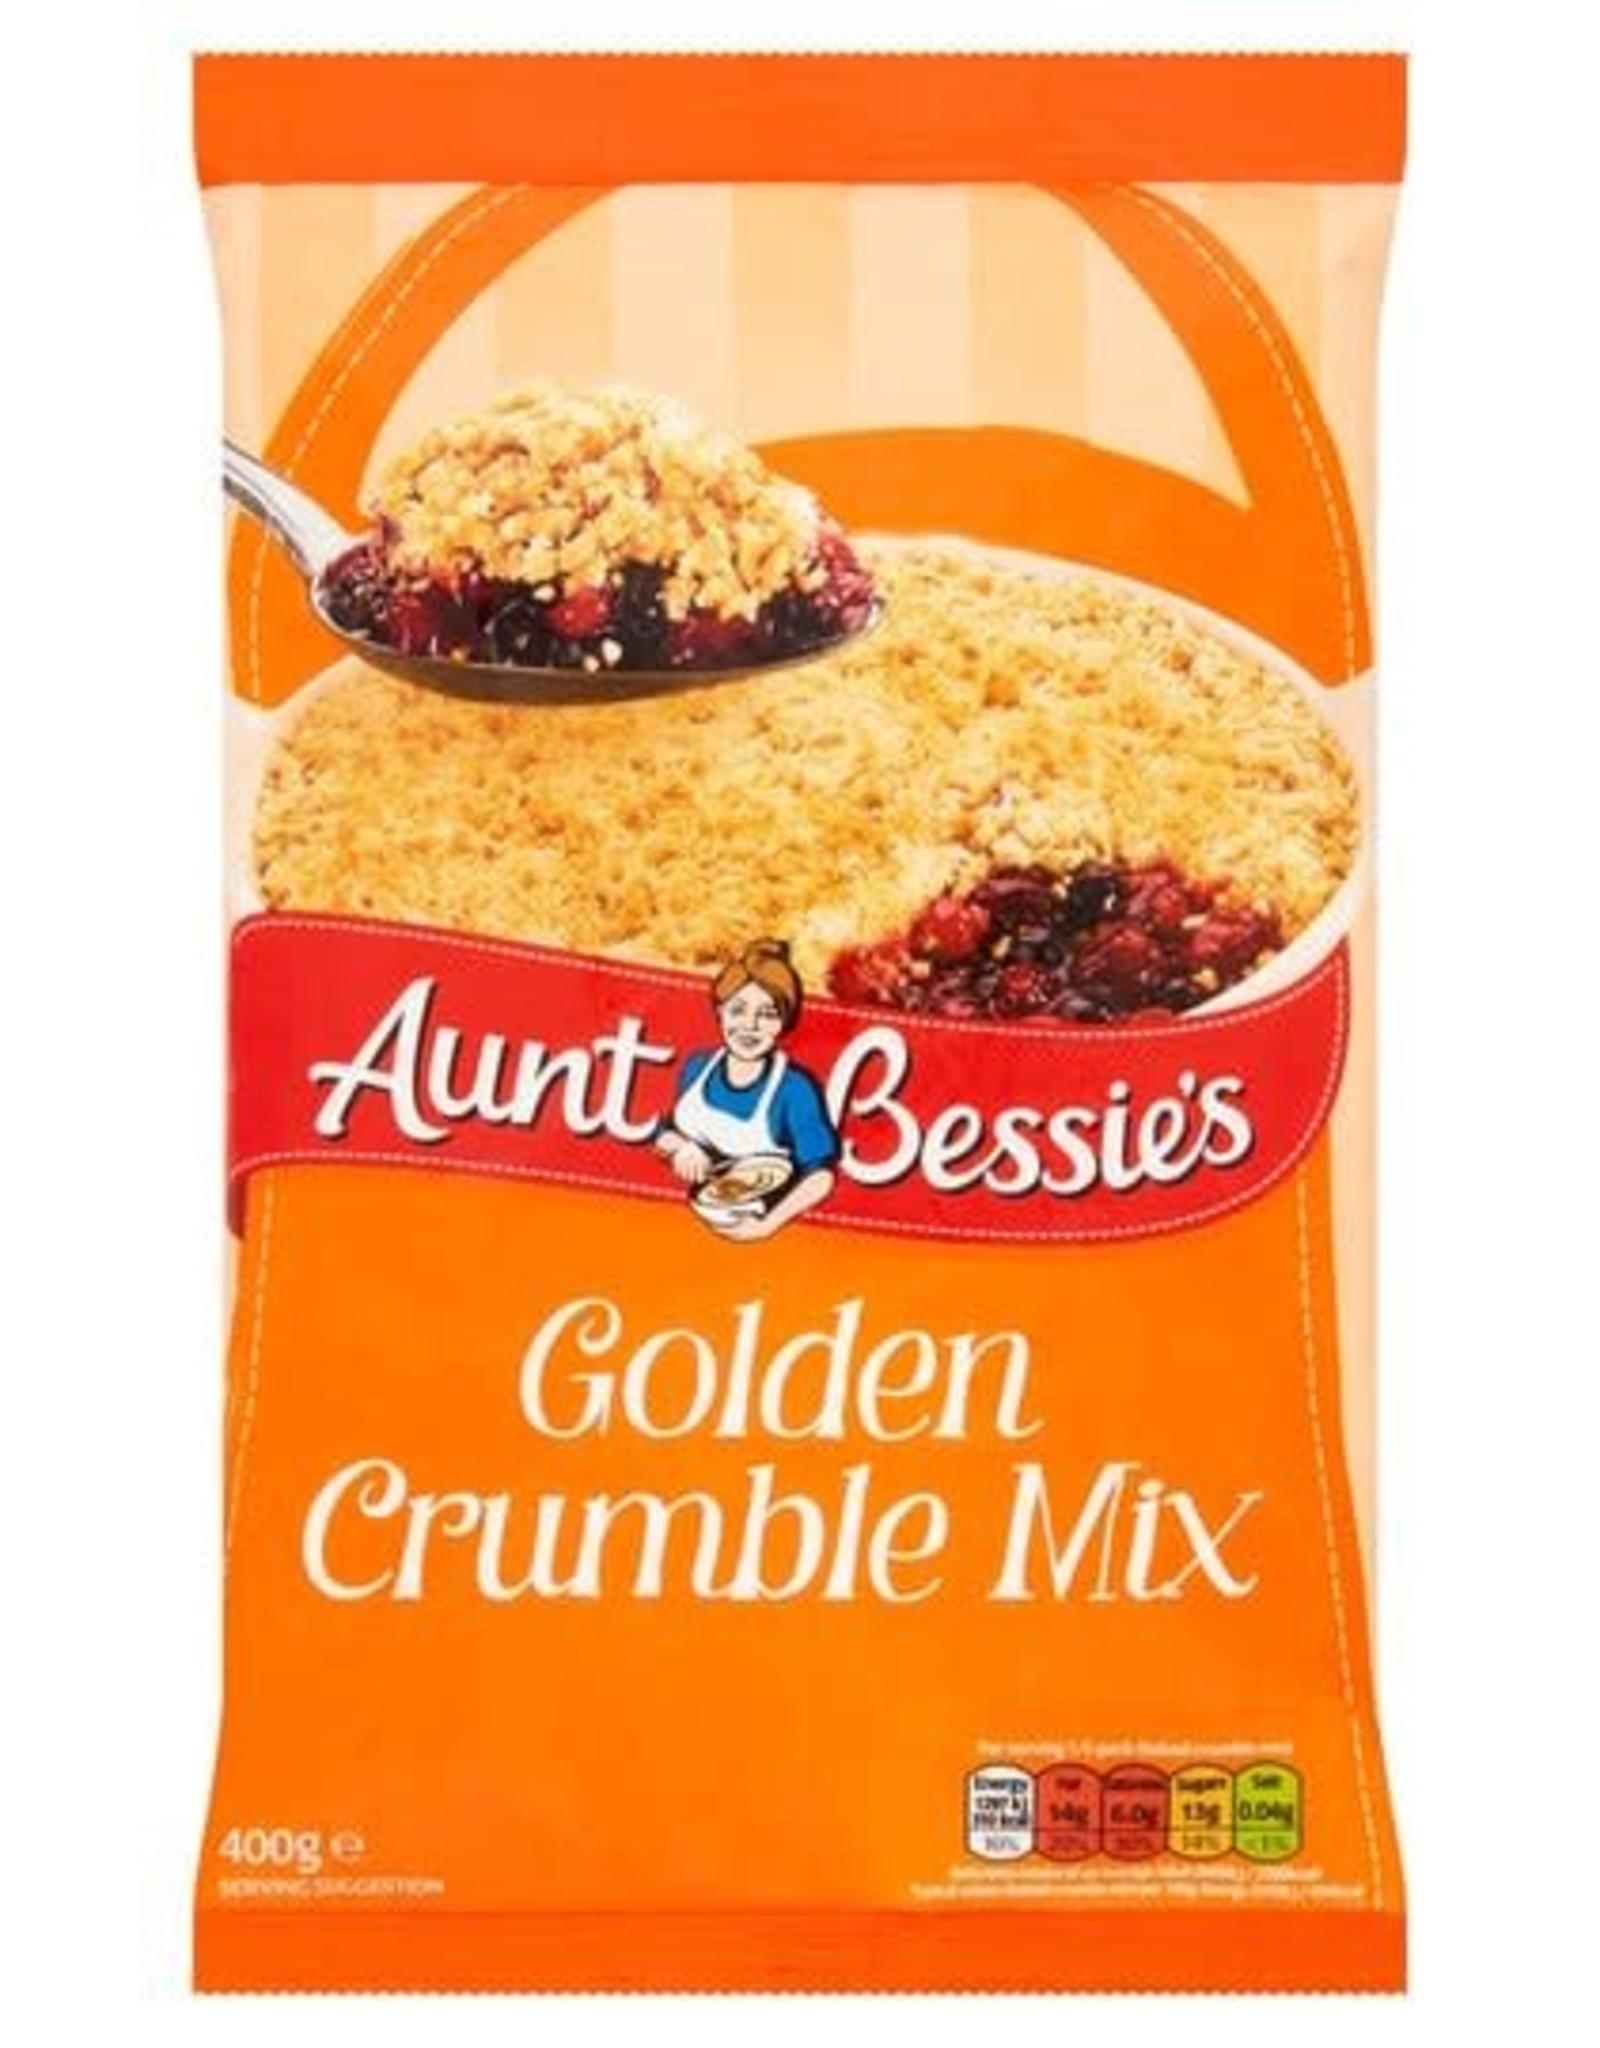 Aunt Bessie's Aunt Bessie's Golden Crumble Mix